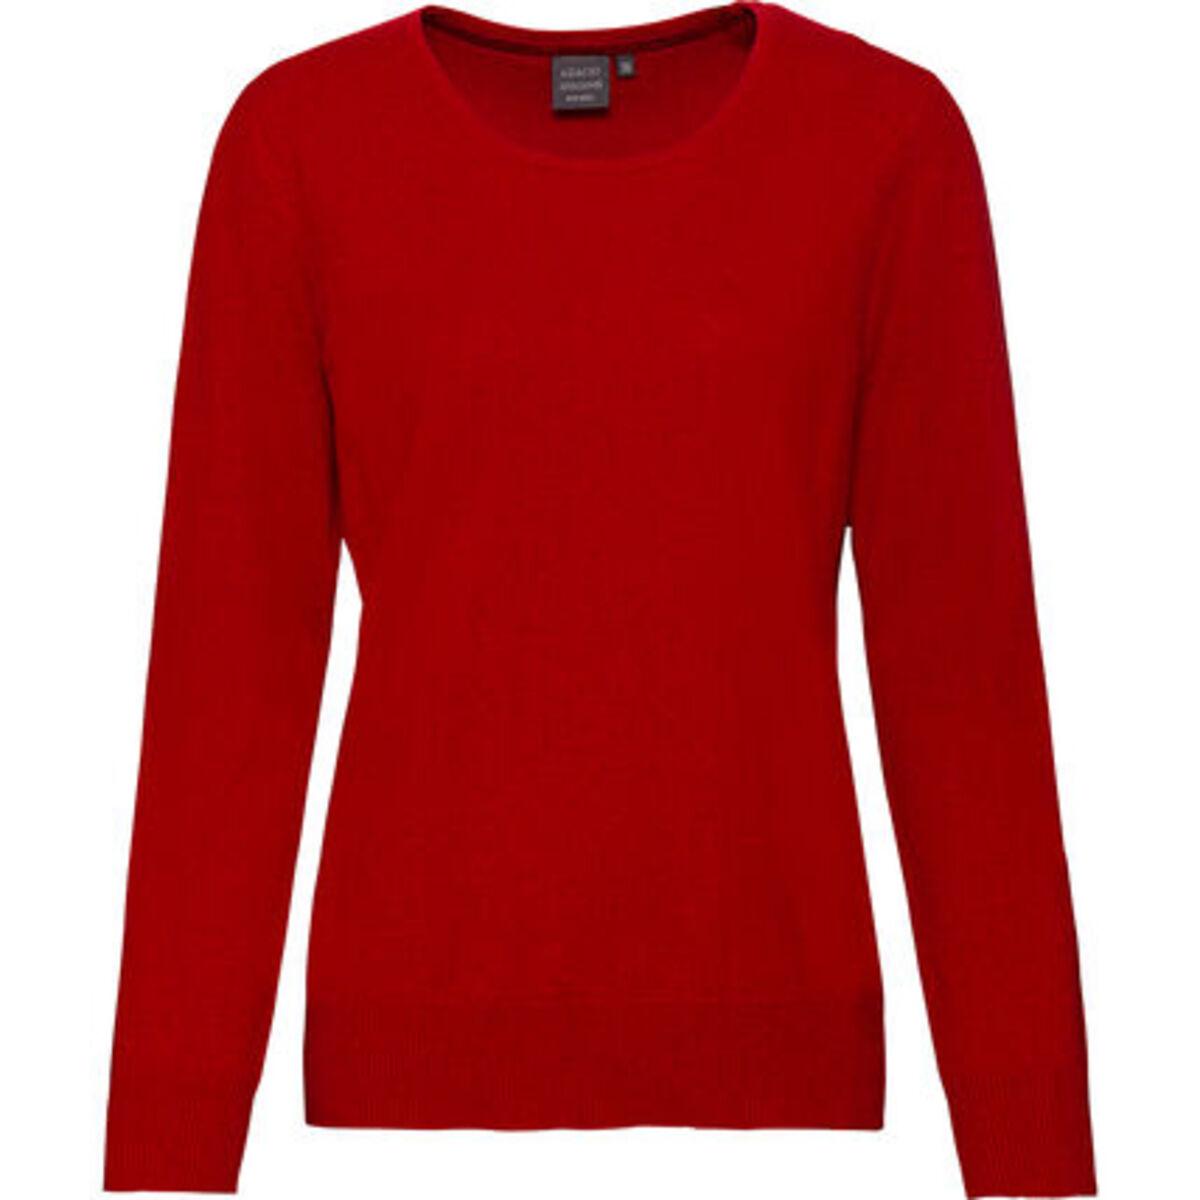 Bild 1 von Adagio Damen Seide-Cashmere Pullover, rot, 36, 36